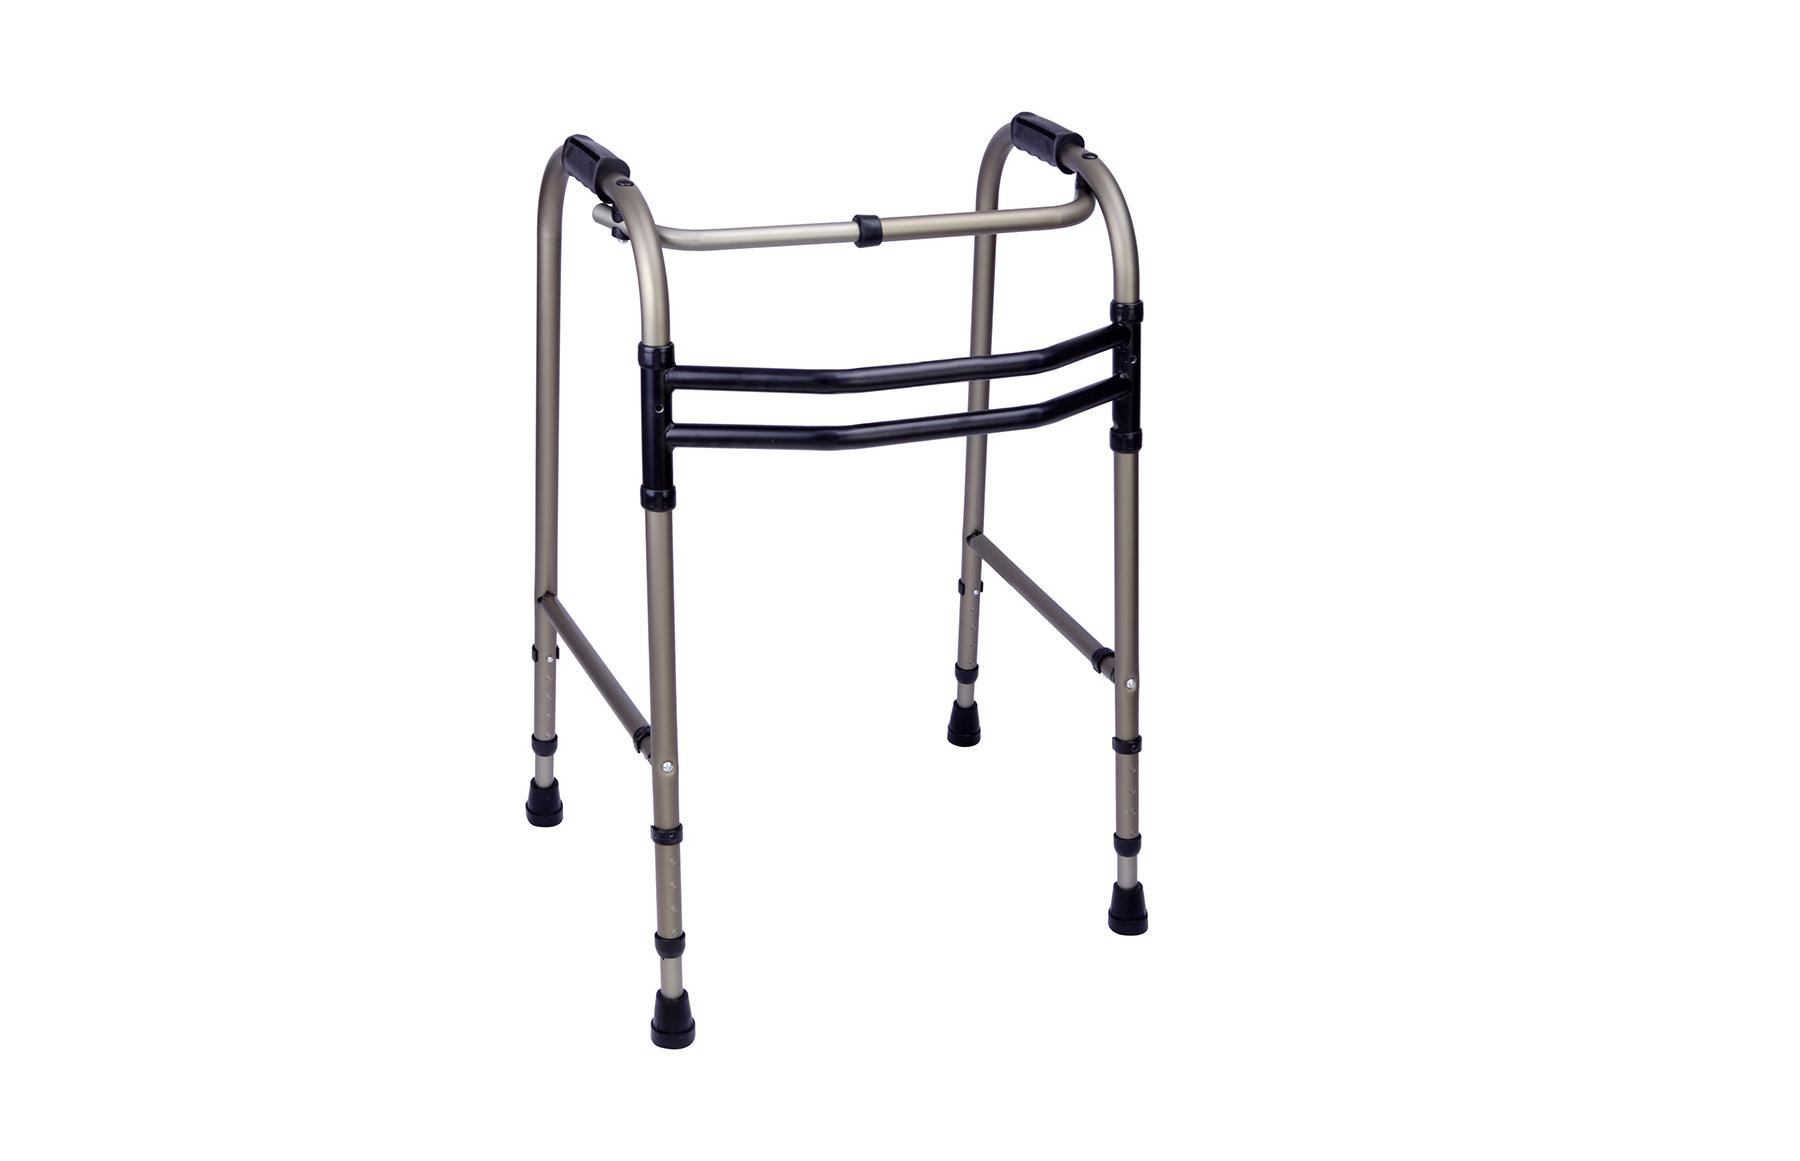 Andarilho articulado A4 em alumínio da Orthos XXI . Dobrável para uma melhor arrumação, sem rodas, regulável em altura e com punhos em borracha.